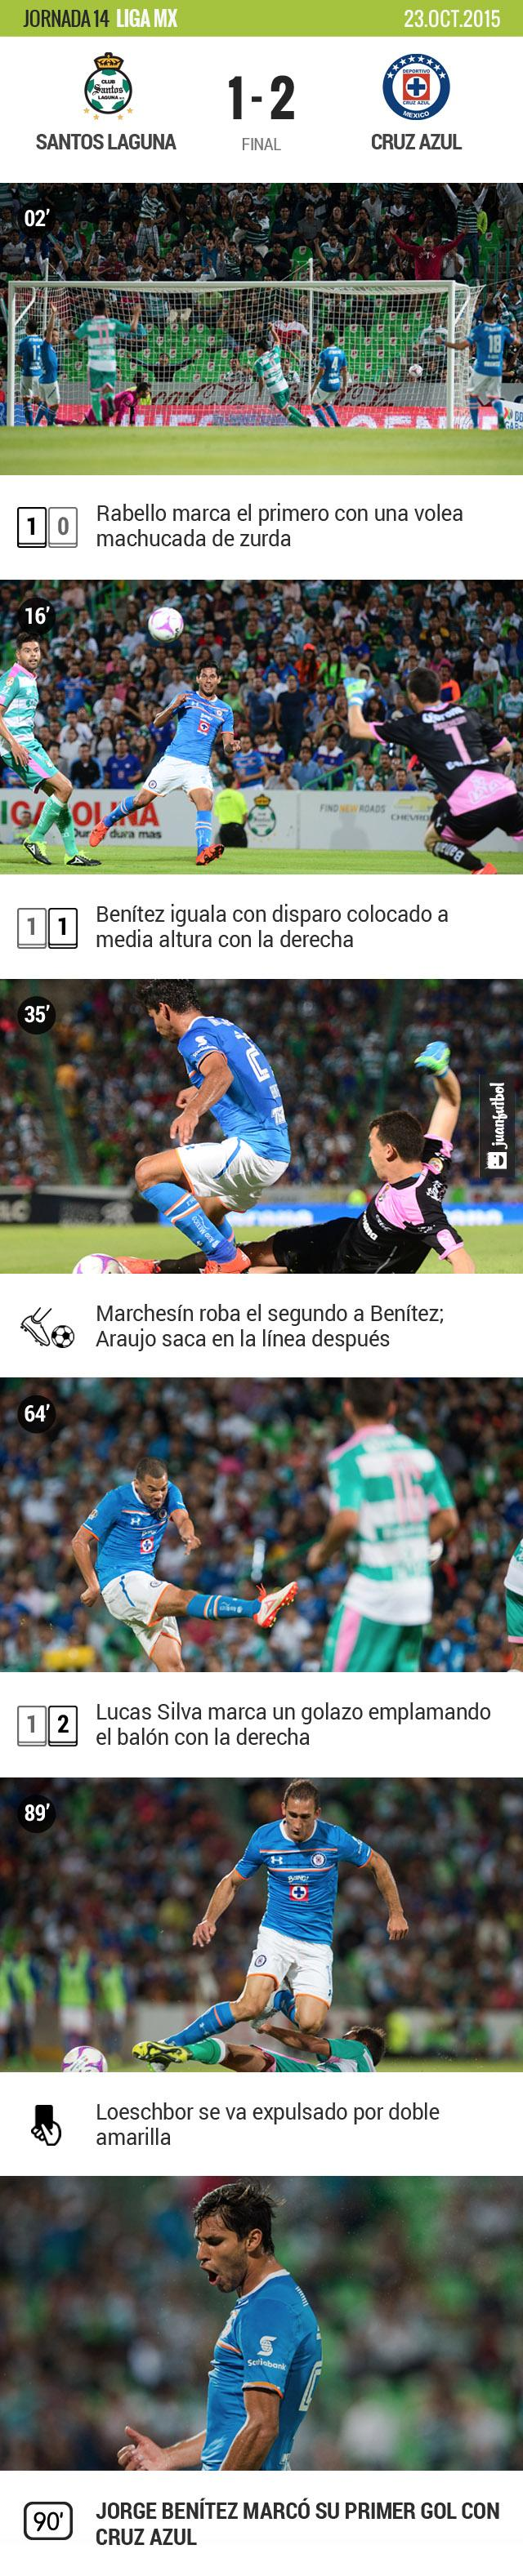 Cruz Azul dio cuenta de Santos